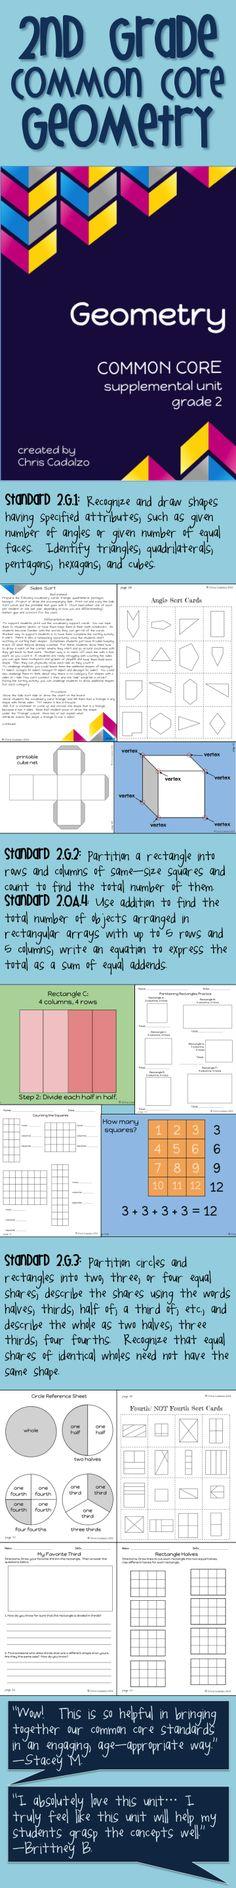 2nd Grade Common Core Geometry Unit. Second Grade Common Core Math ...